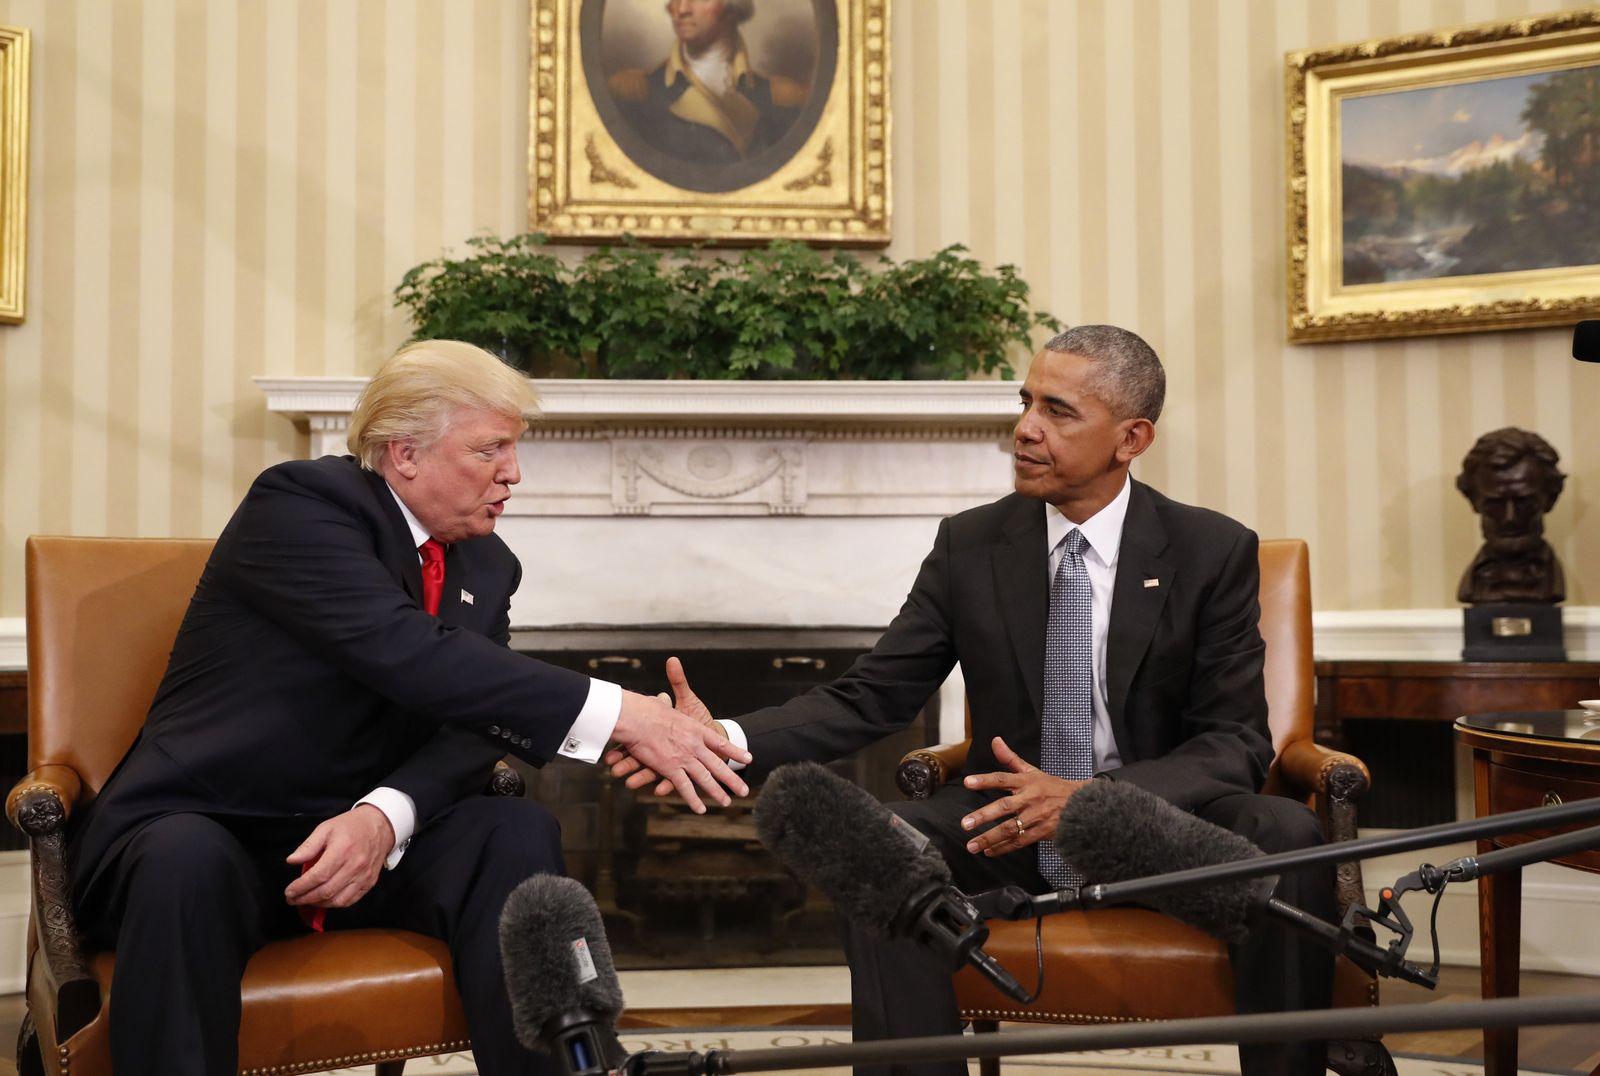 Obama /Trump